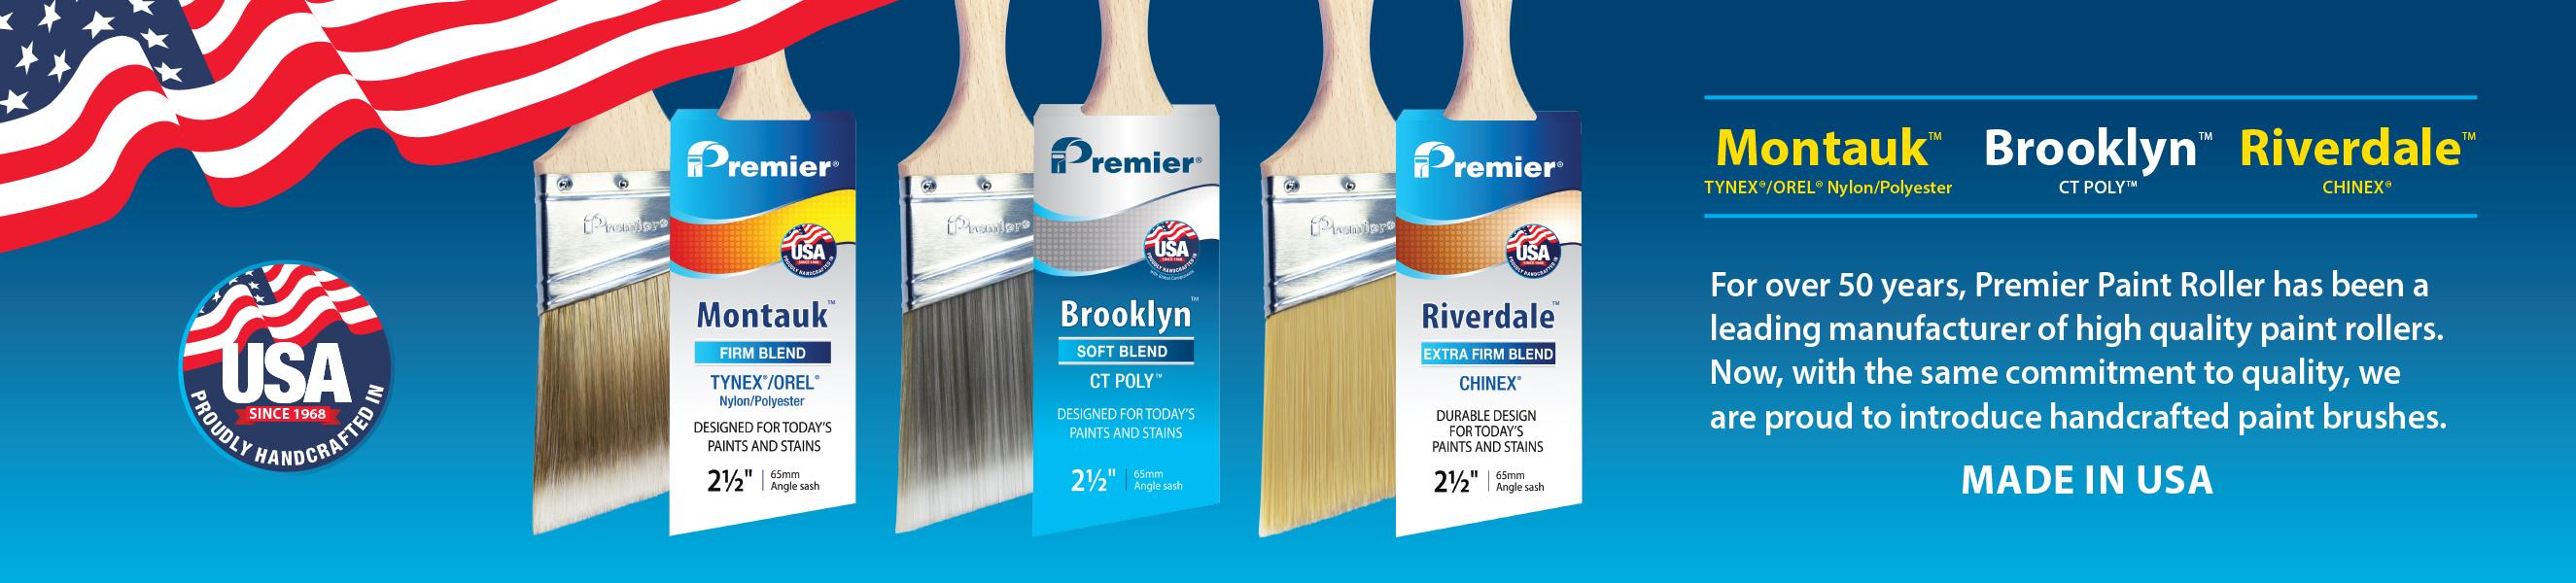 Home - Premier Paint Roller Co LLC